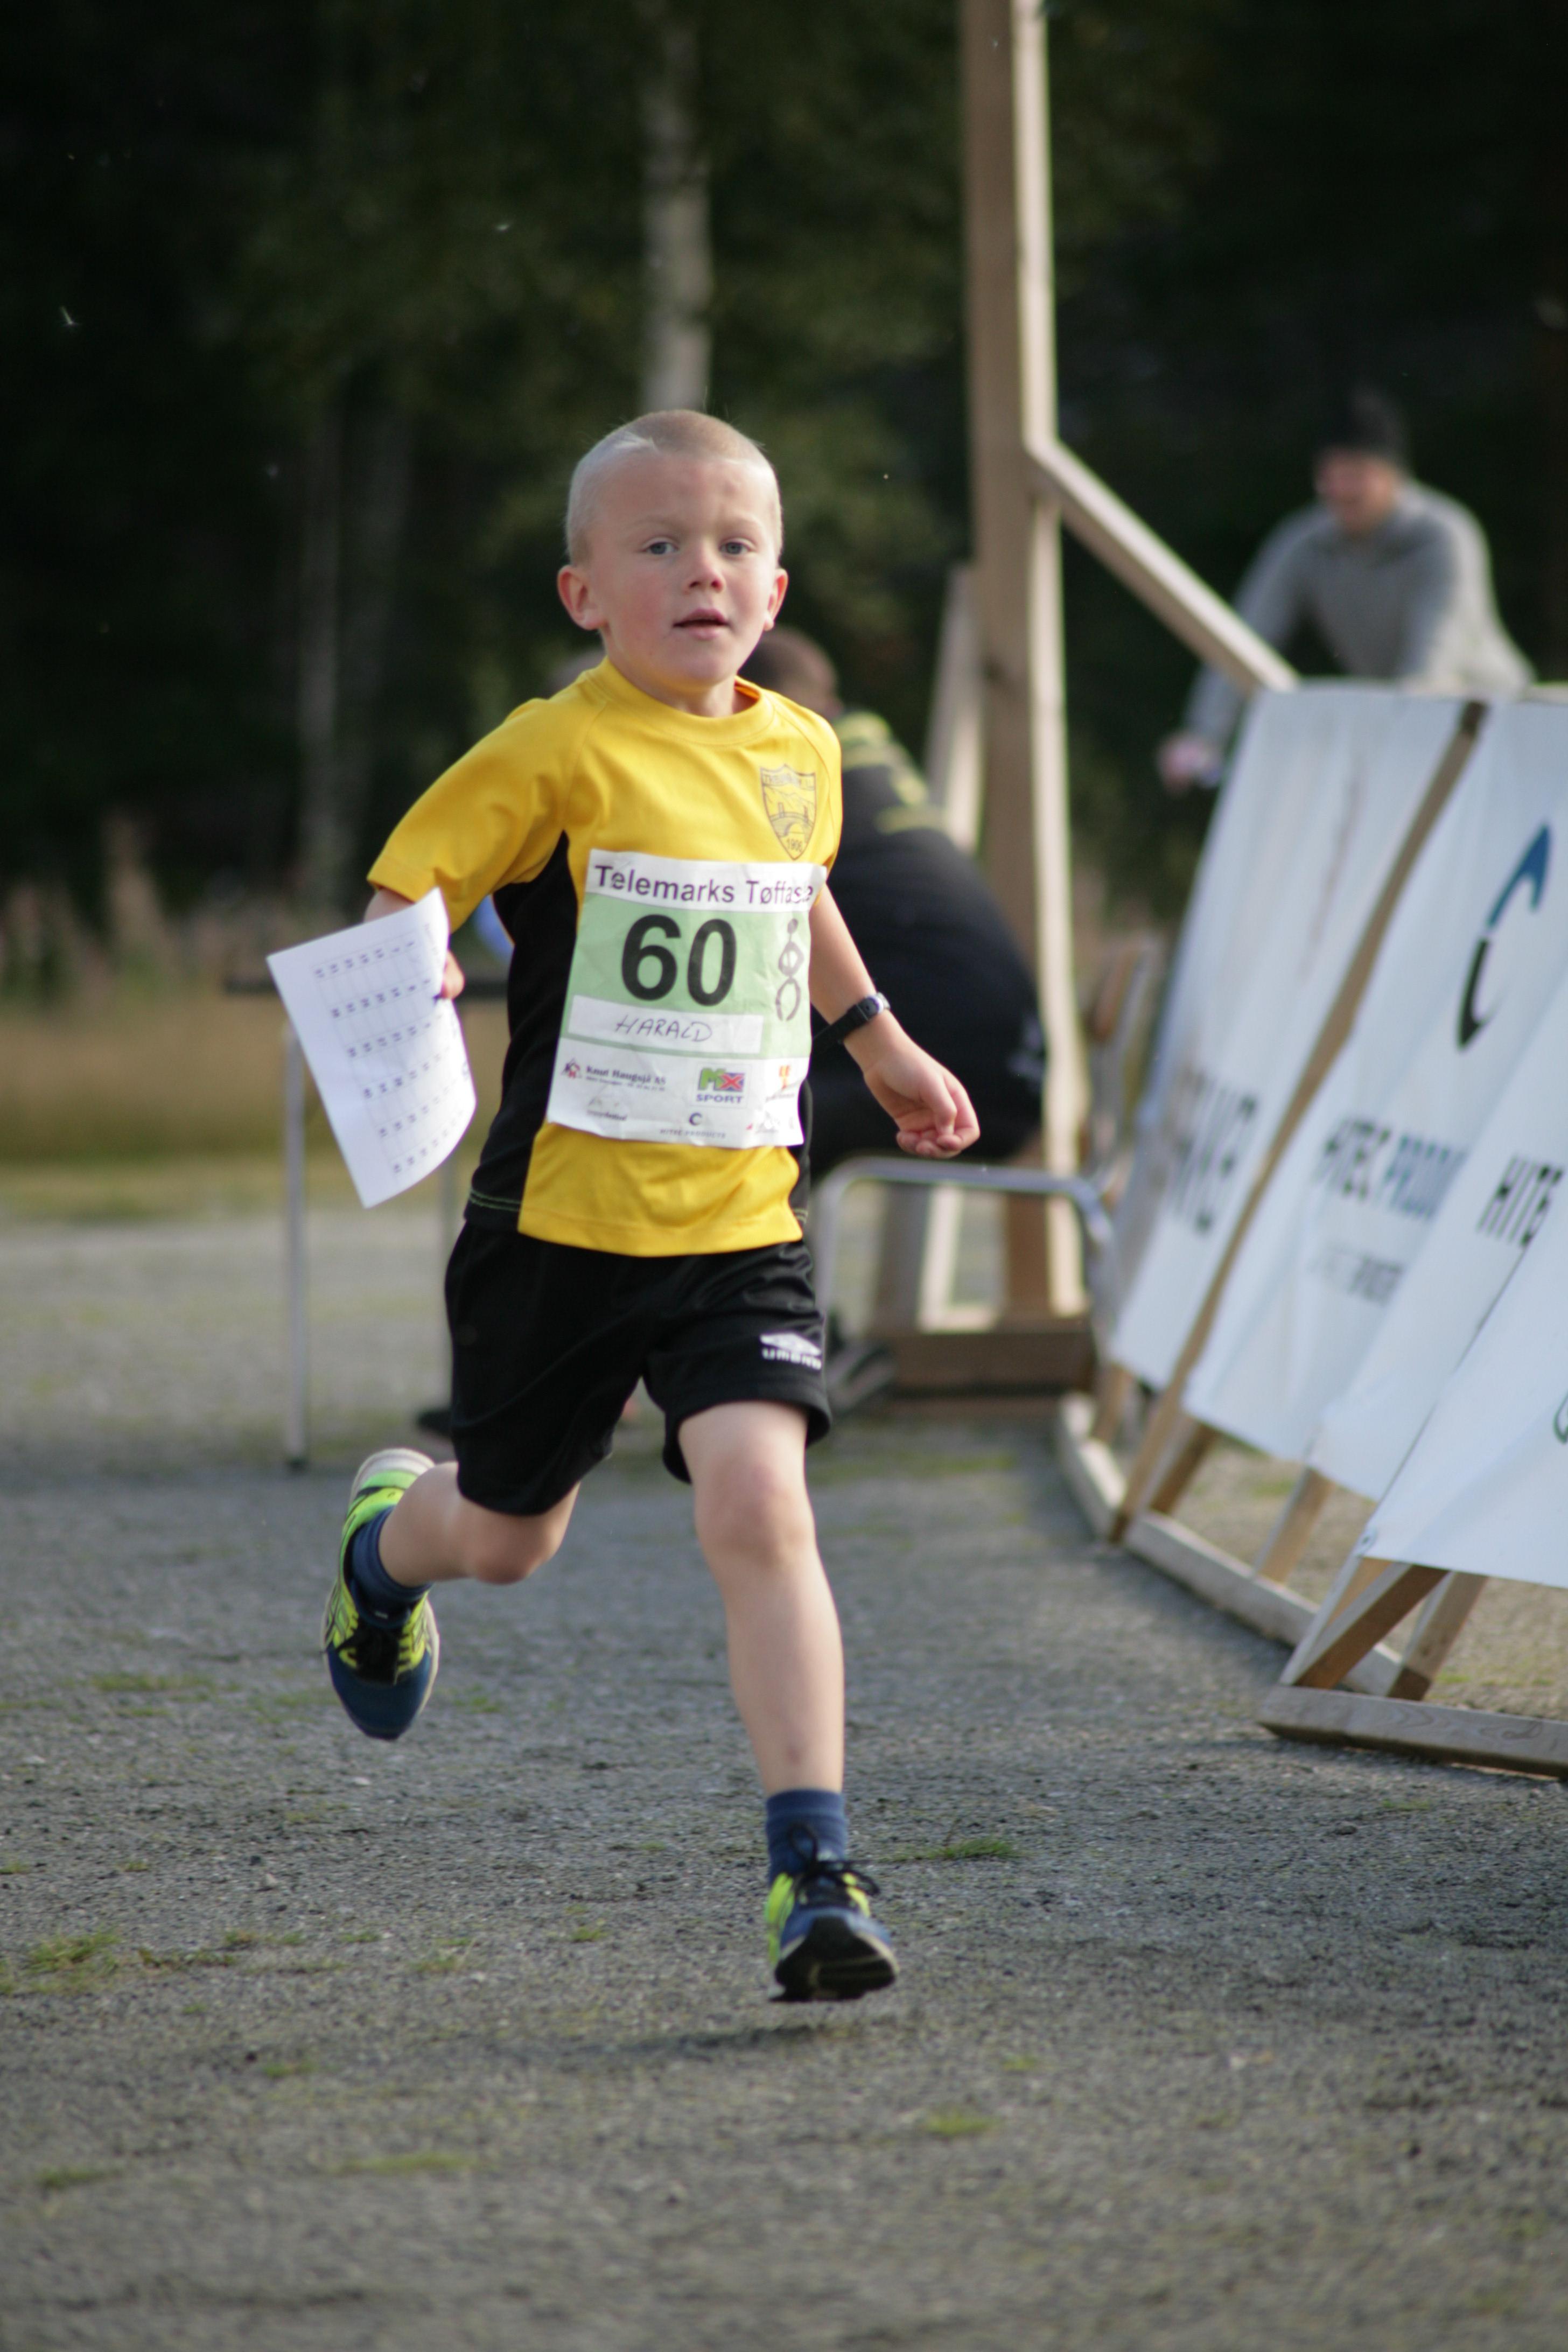 Sverre Kornmo Enger, Treungen IL, sprang saa mange runder på idrettsbanen som mulig på en time..jpg